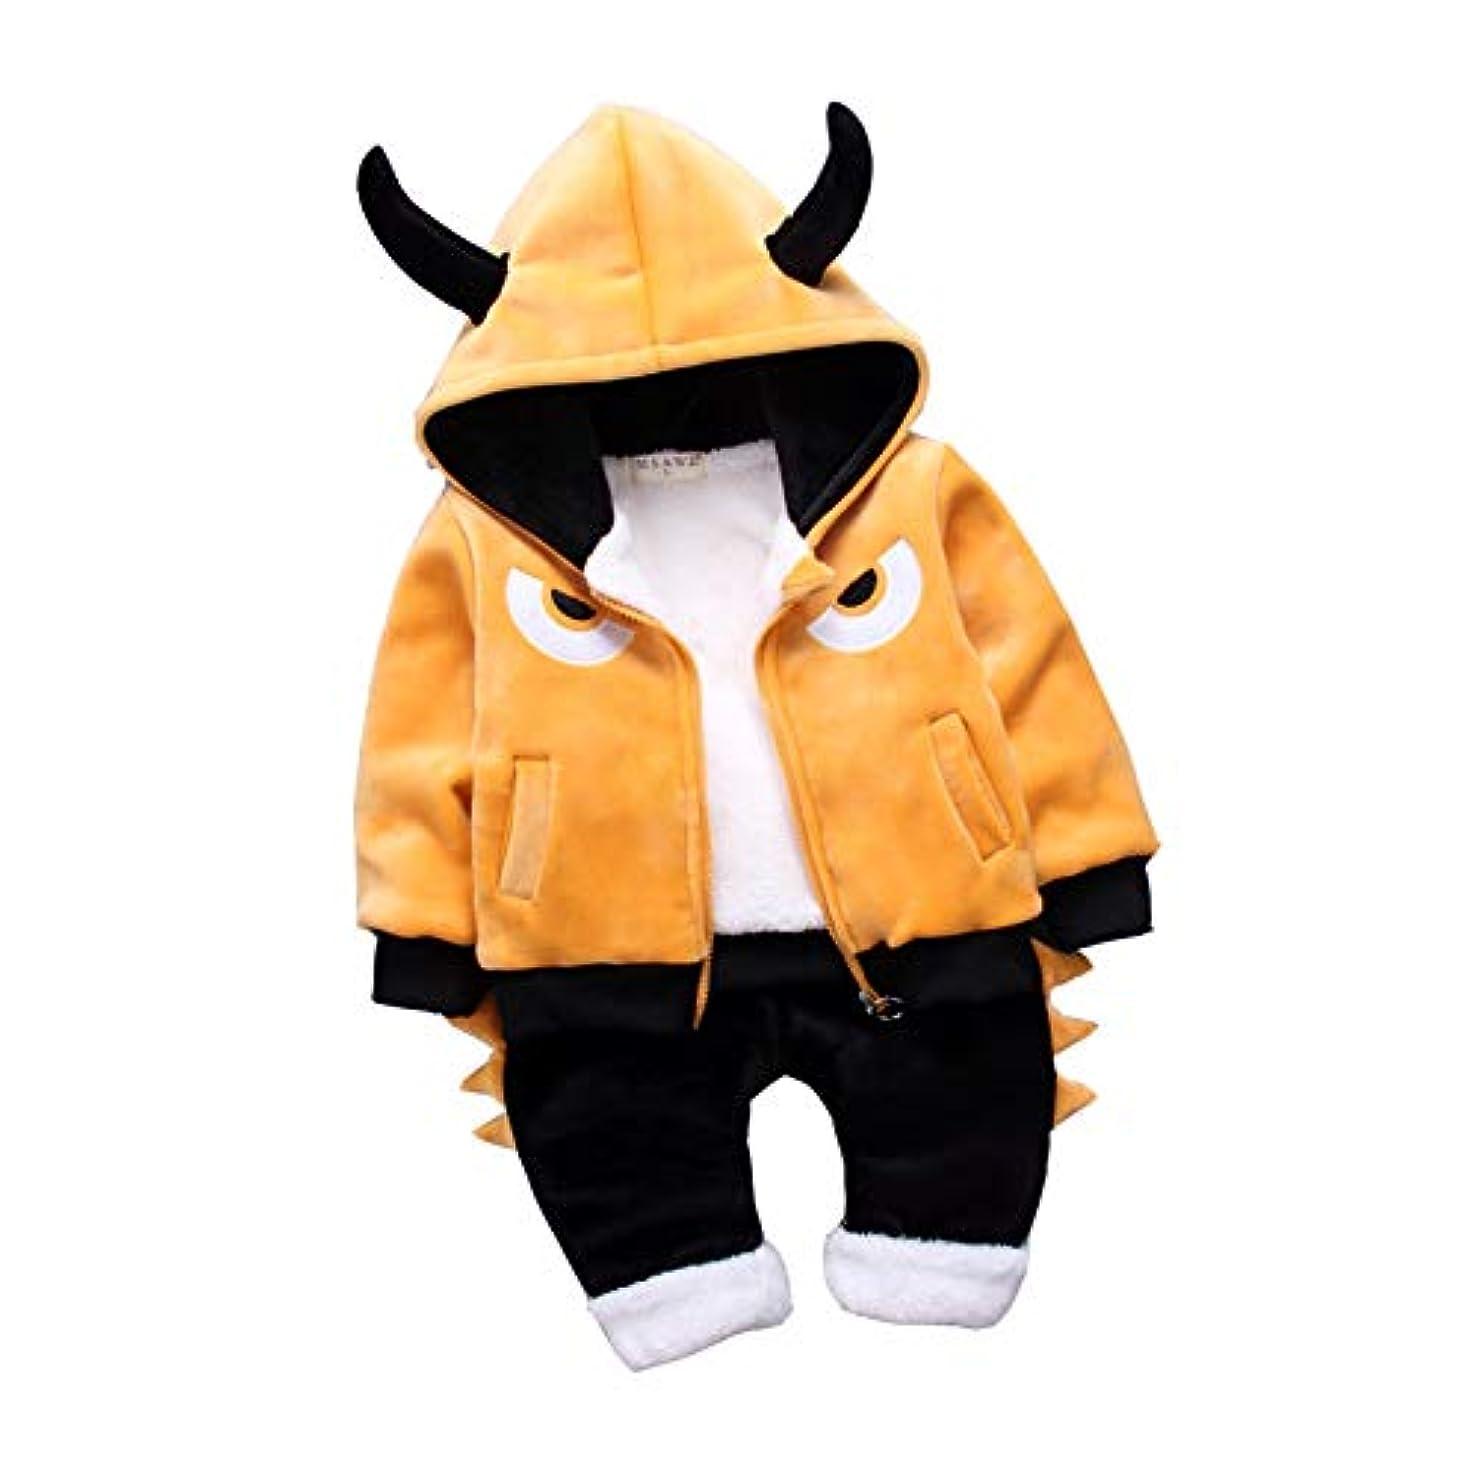 入場ハリウッド似ているMornyray ベビー服 コート ジャケット ズボン 2点セット もこもこ ふわふわ 怪獣 ハロウィン フードつき 女の子 男の子 幼児 1-5歳 size 80 (イェロー)